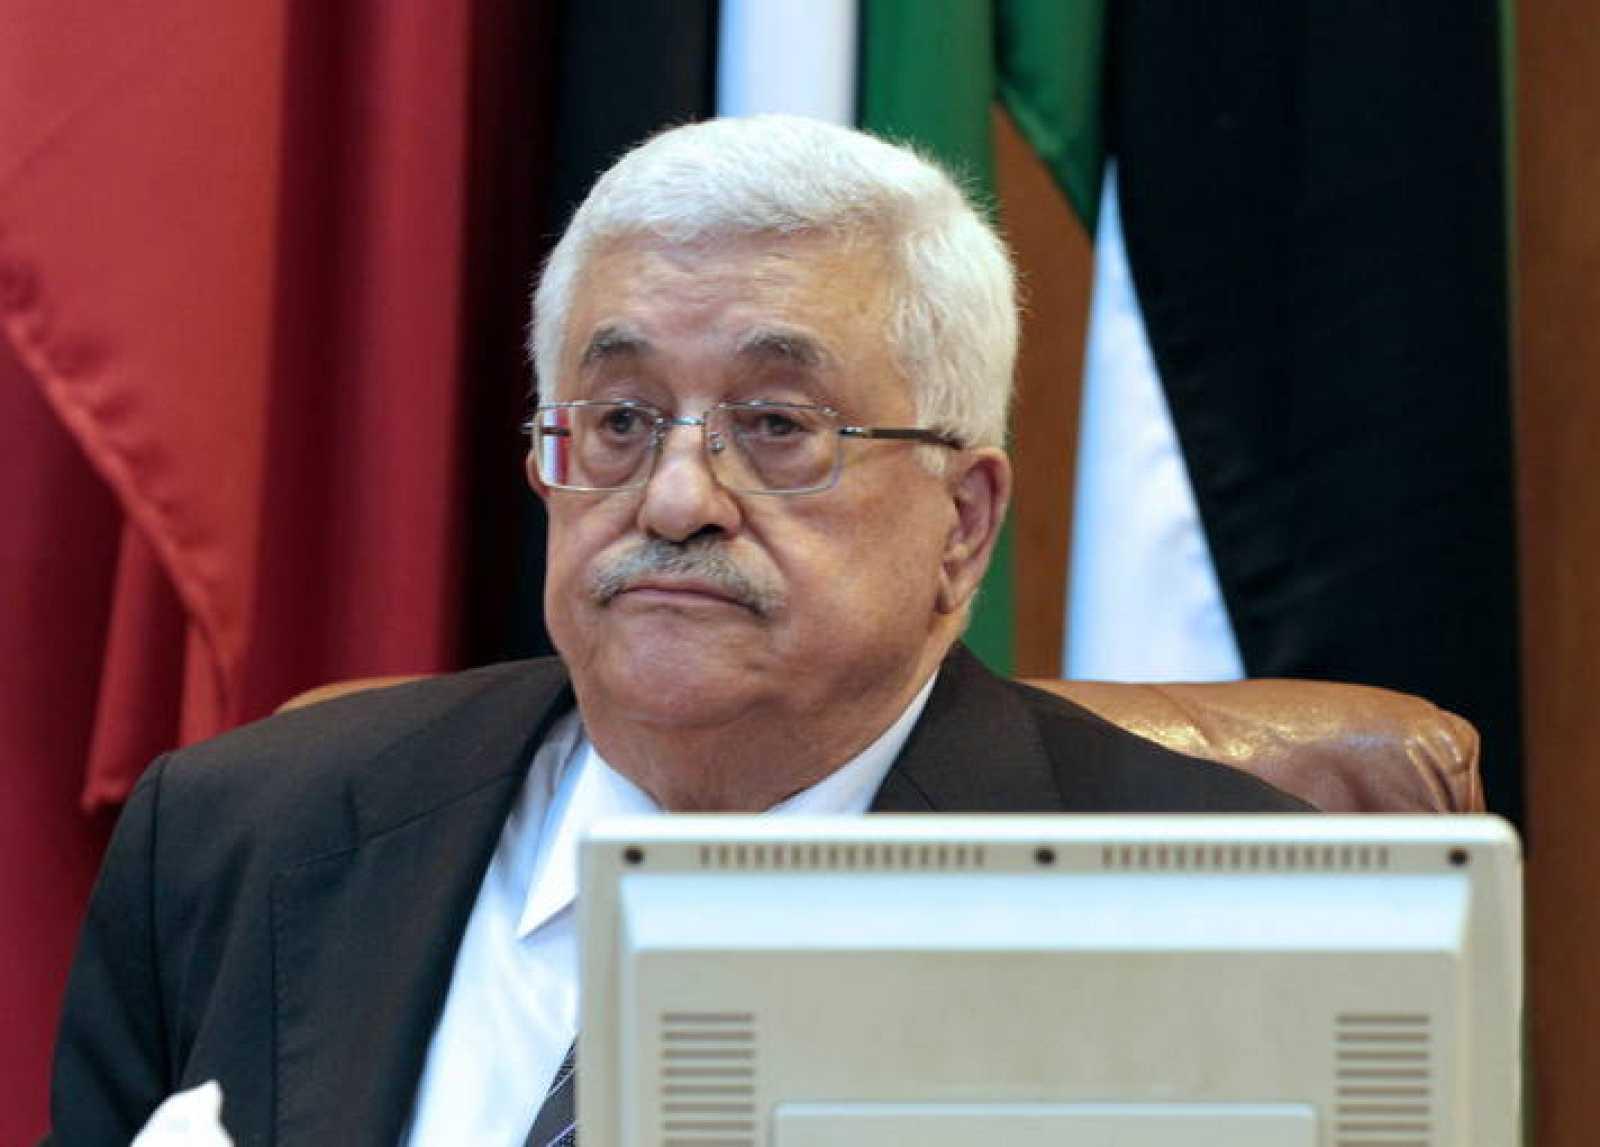 El presidente palestino, Mahmud Abás, en la reunión de la Liga Árabe en El Cairo